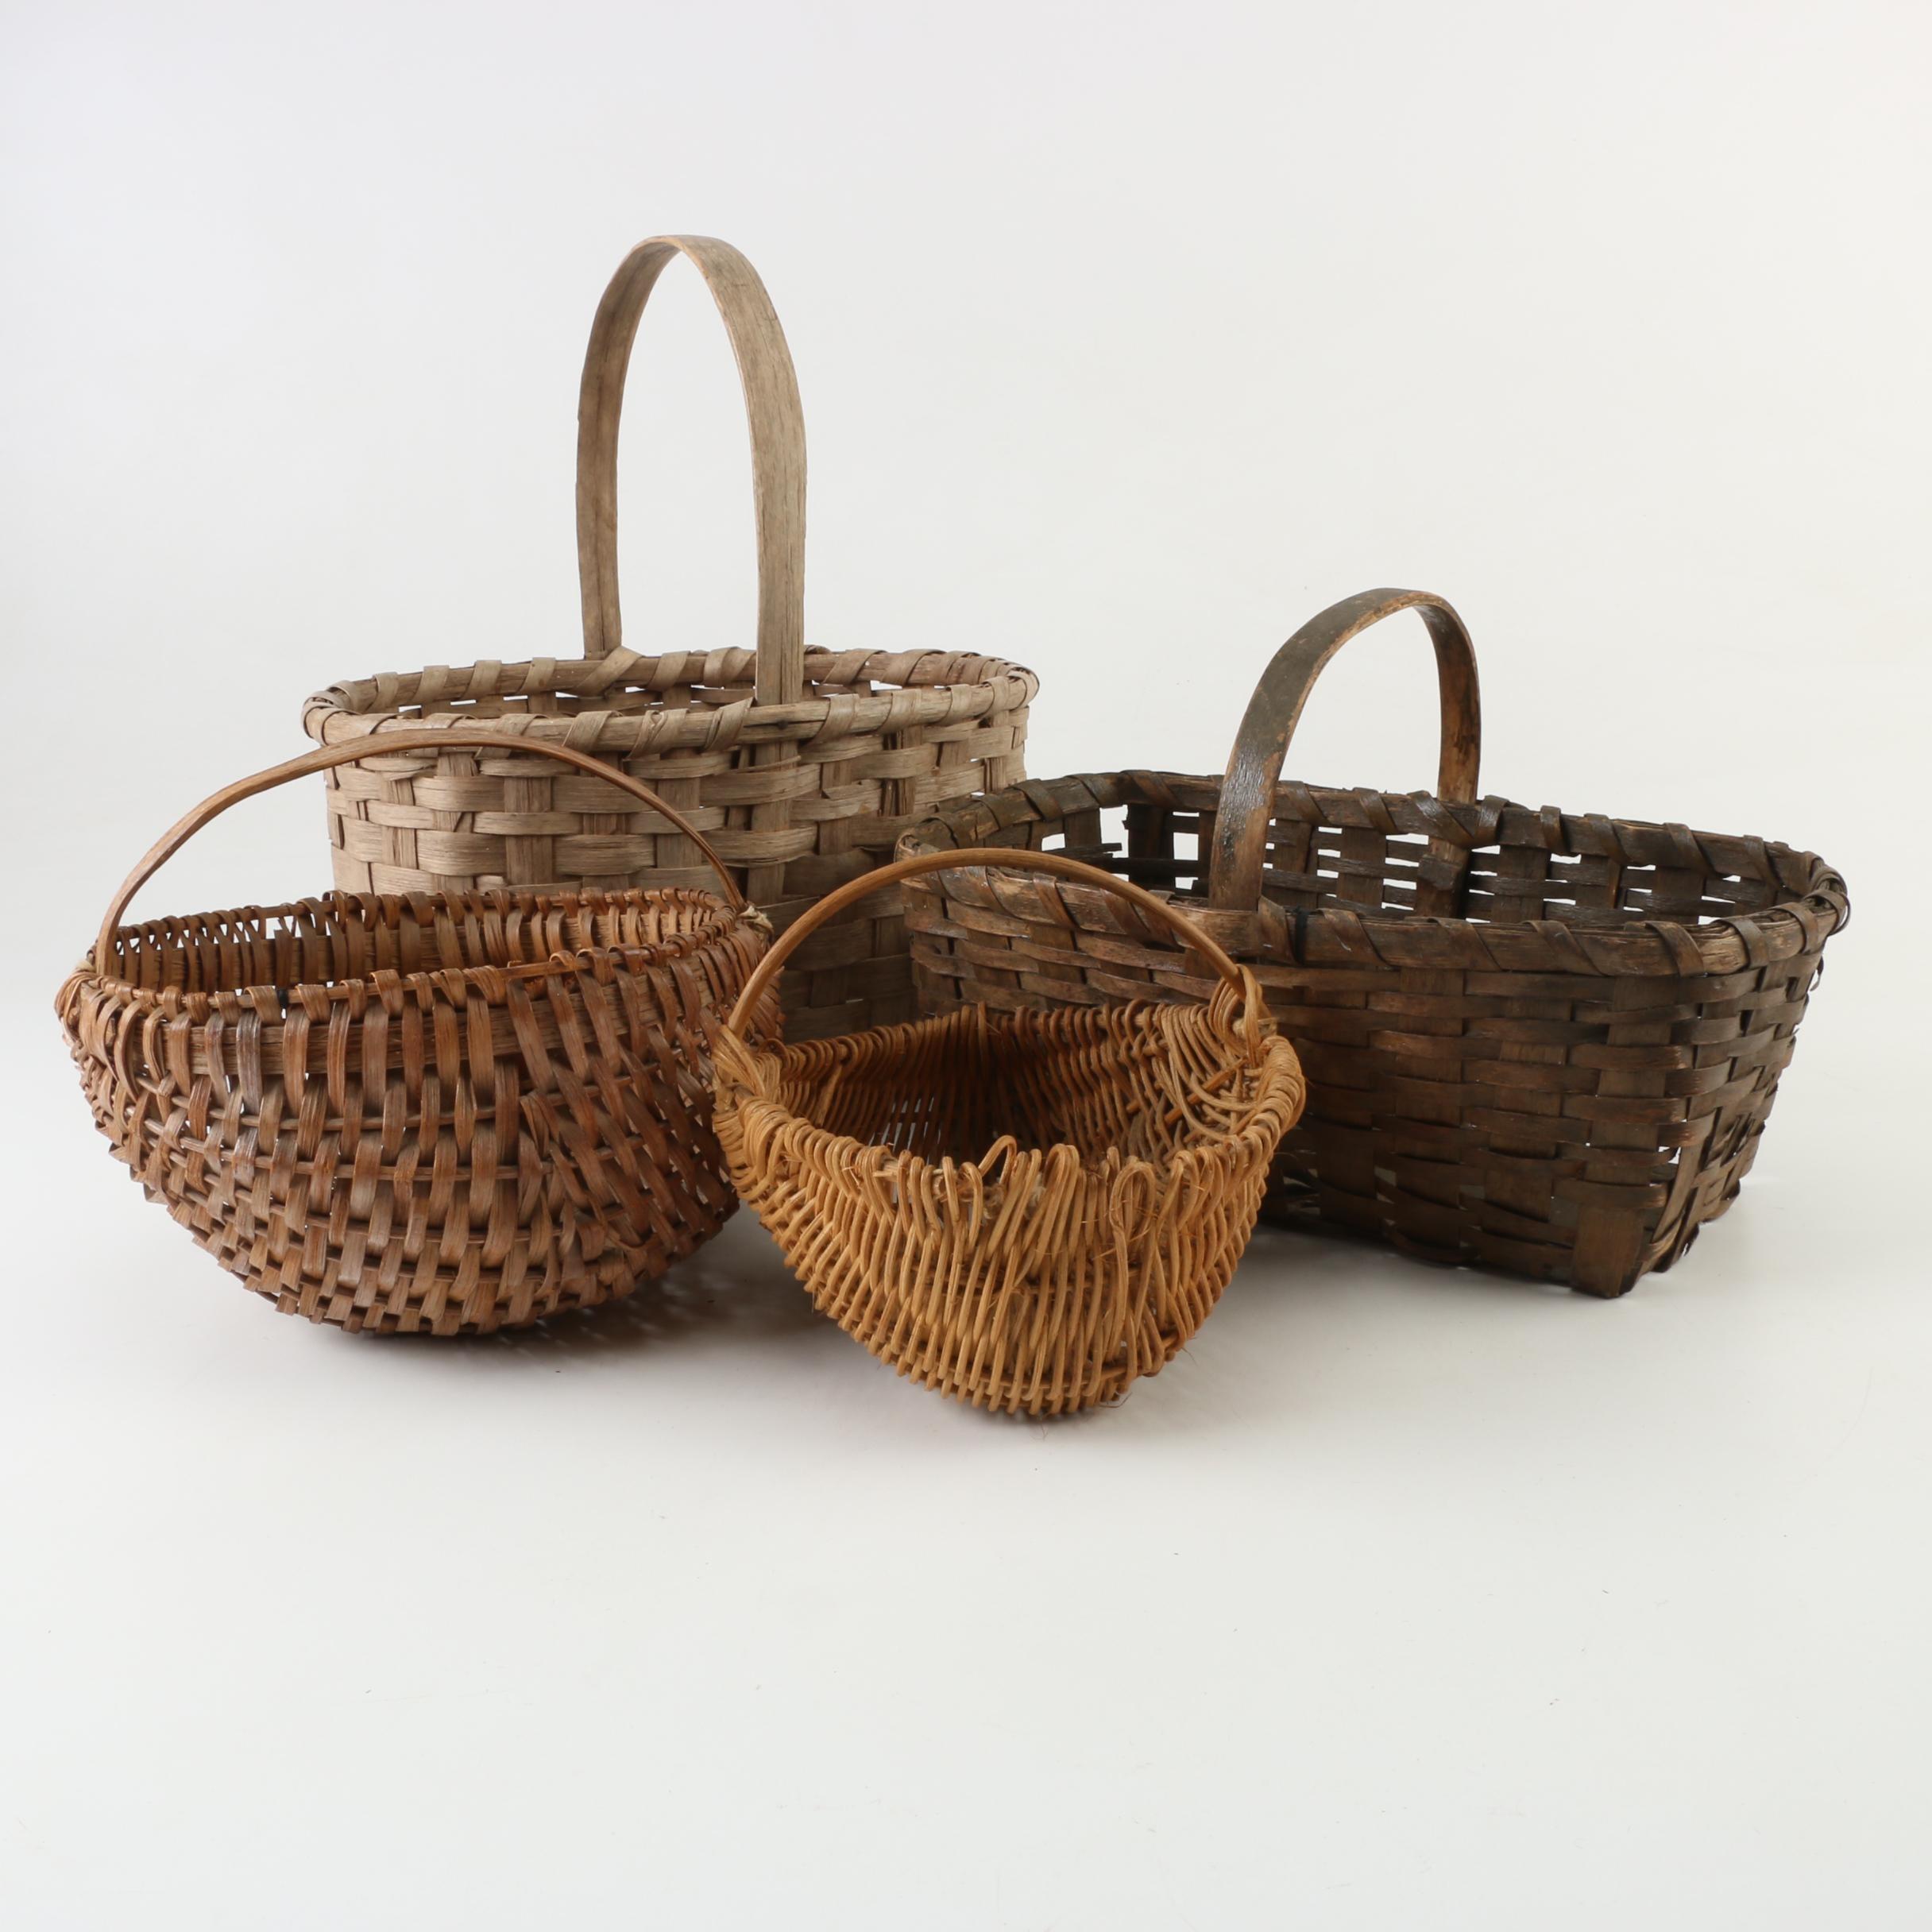 Vintage Handled Storage and Egg Gathering Baskets